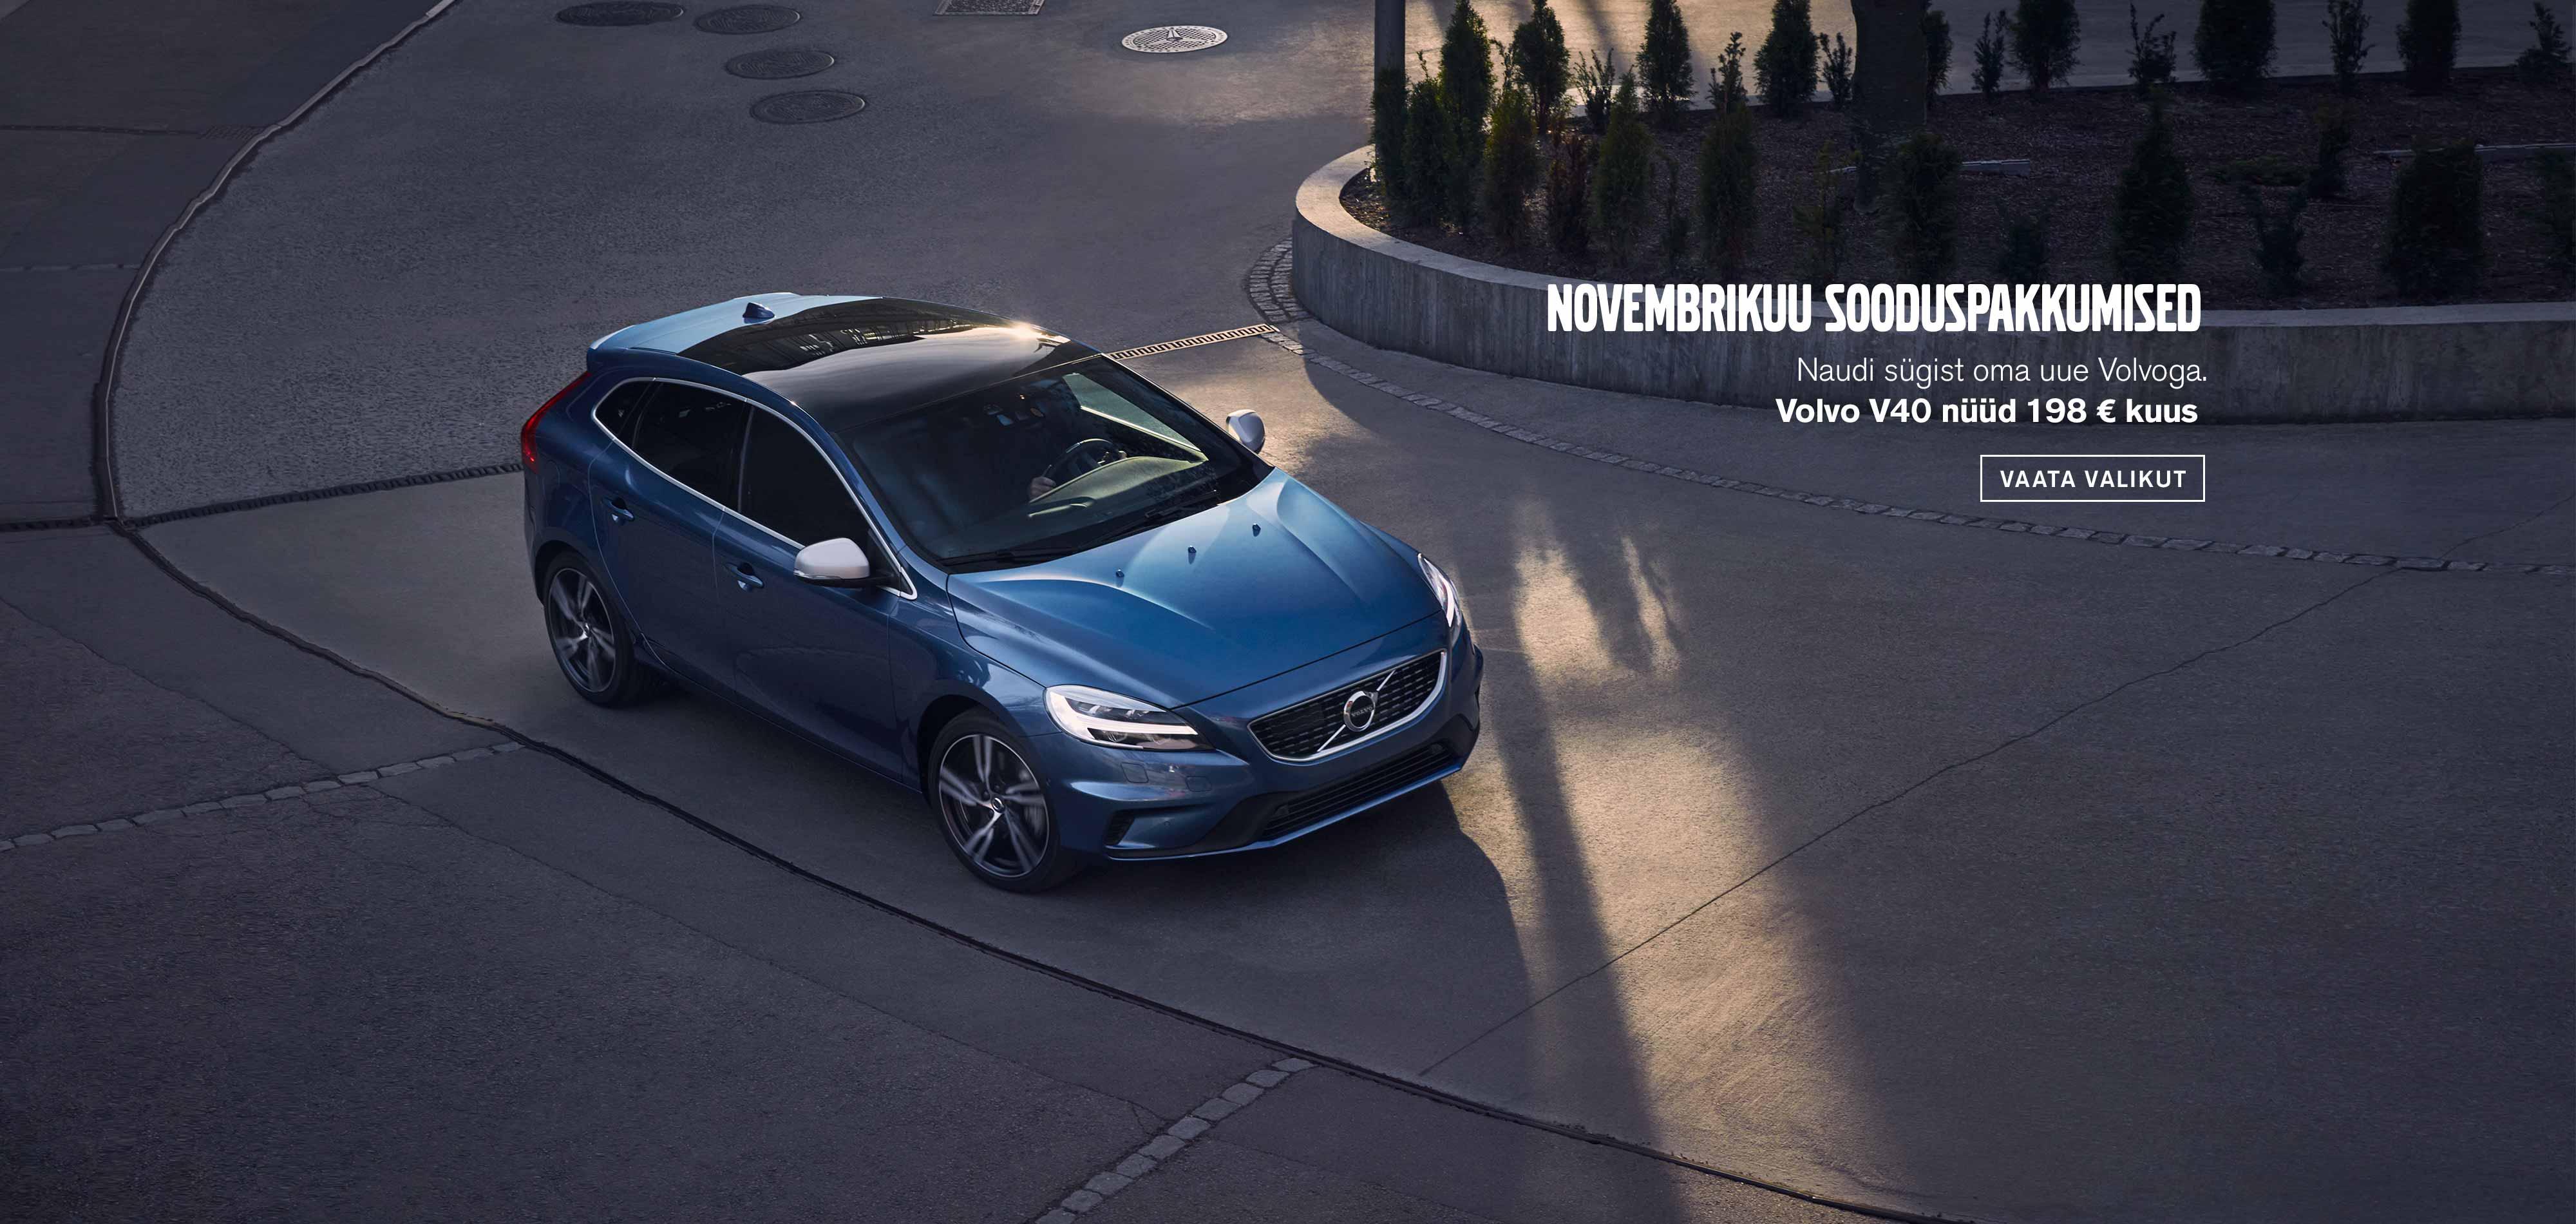 Volvo V40 novembrikuu sooduspakkumised